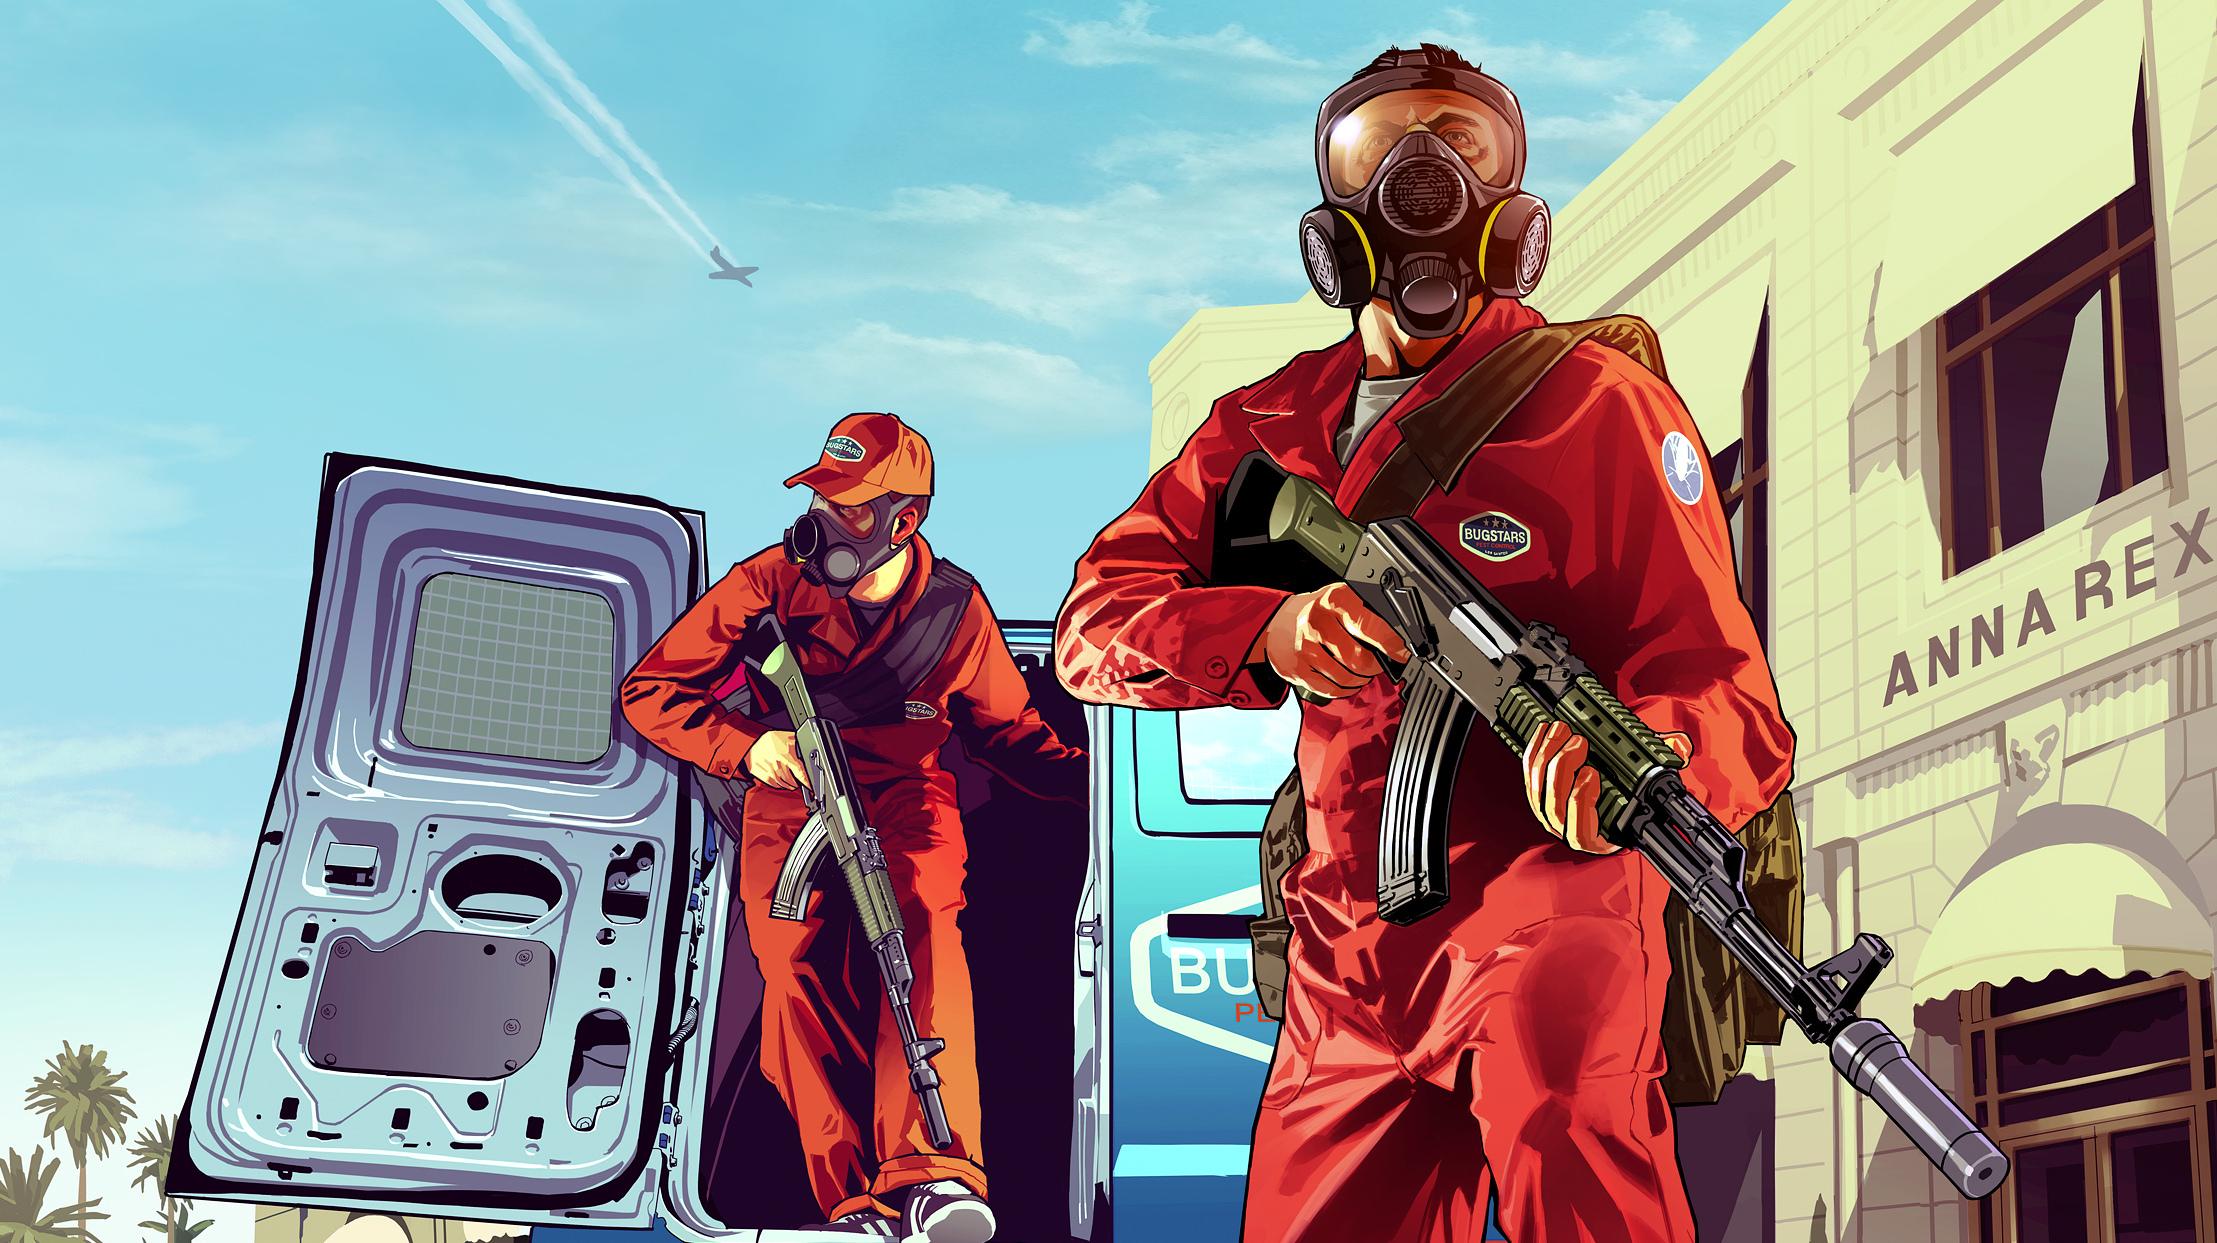 Grand Theft auto 5 V Análisis Review español (18)